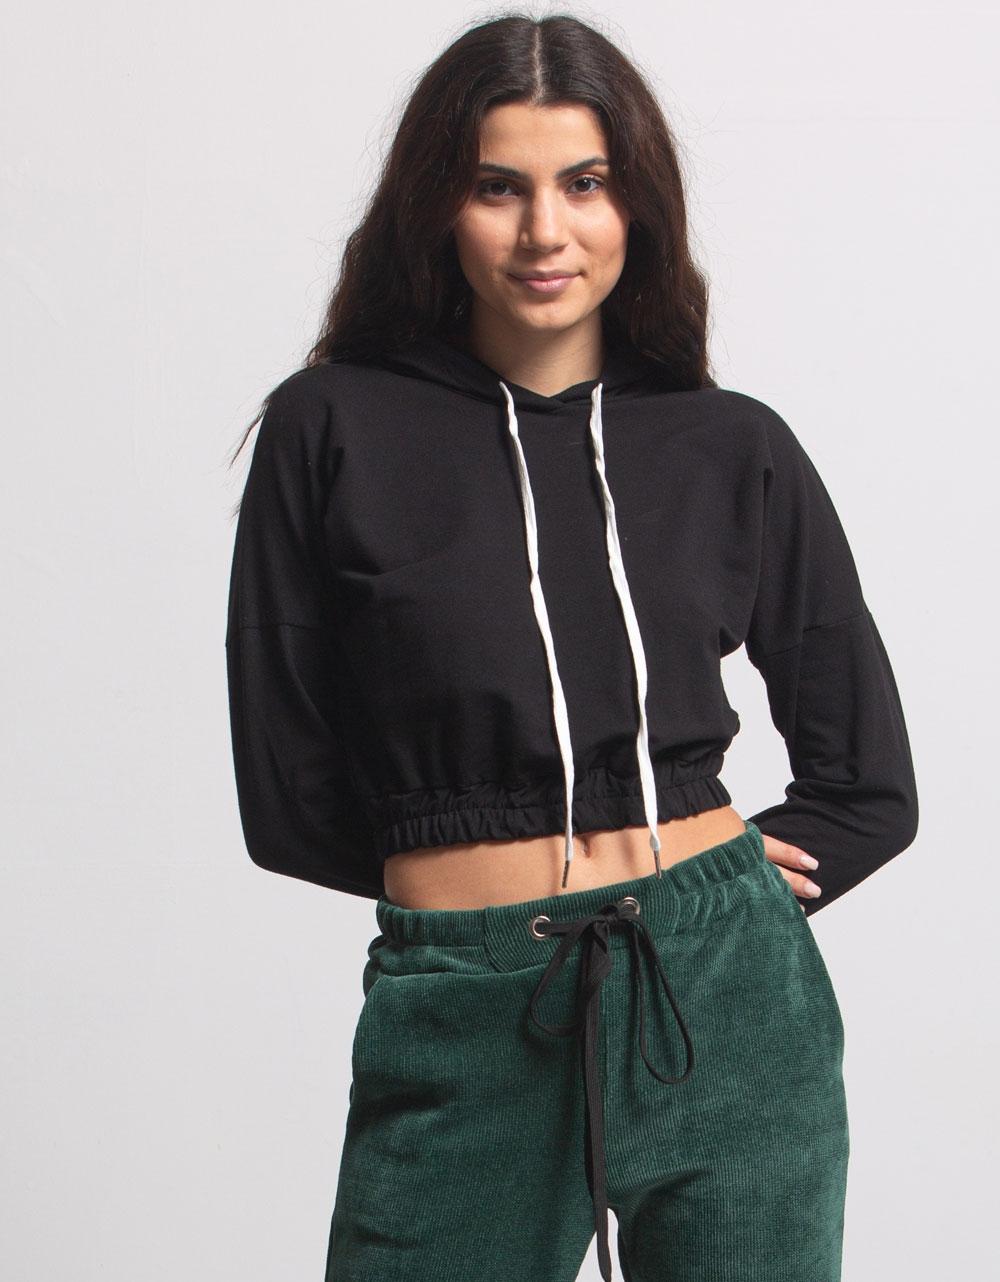 Εικόνα από Γυναικεία μπλούζα με λάστιχο Μαύρο